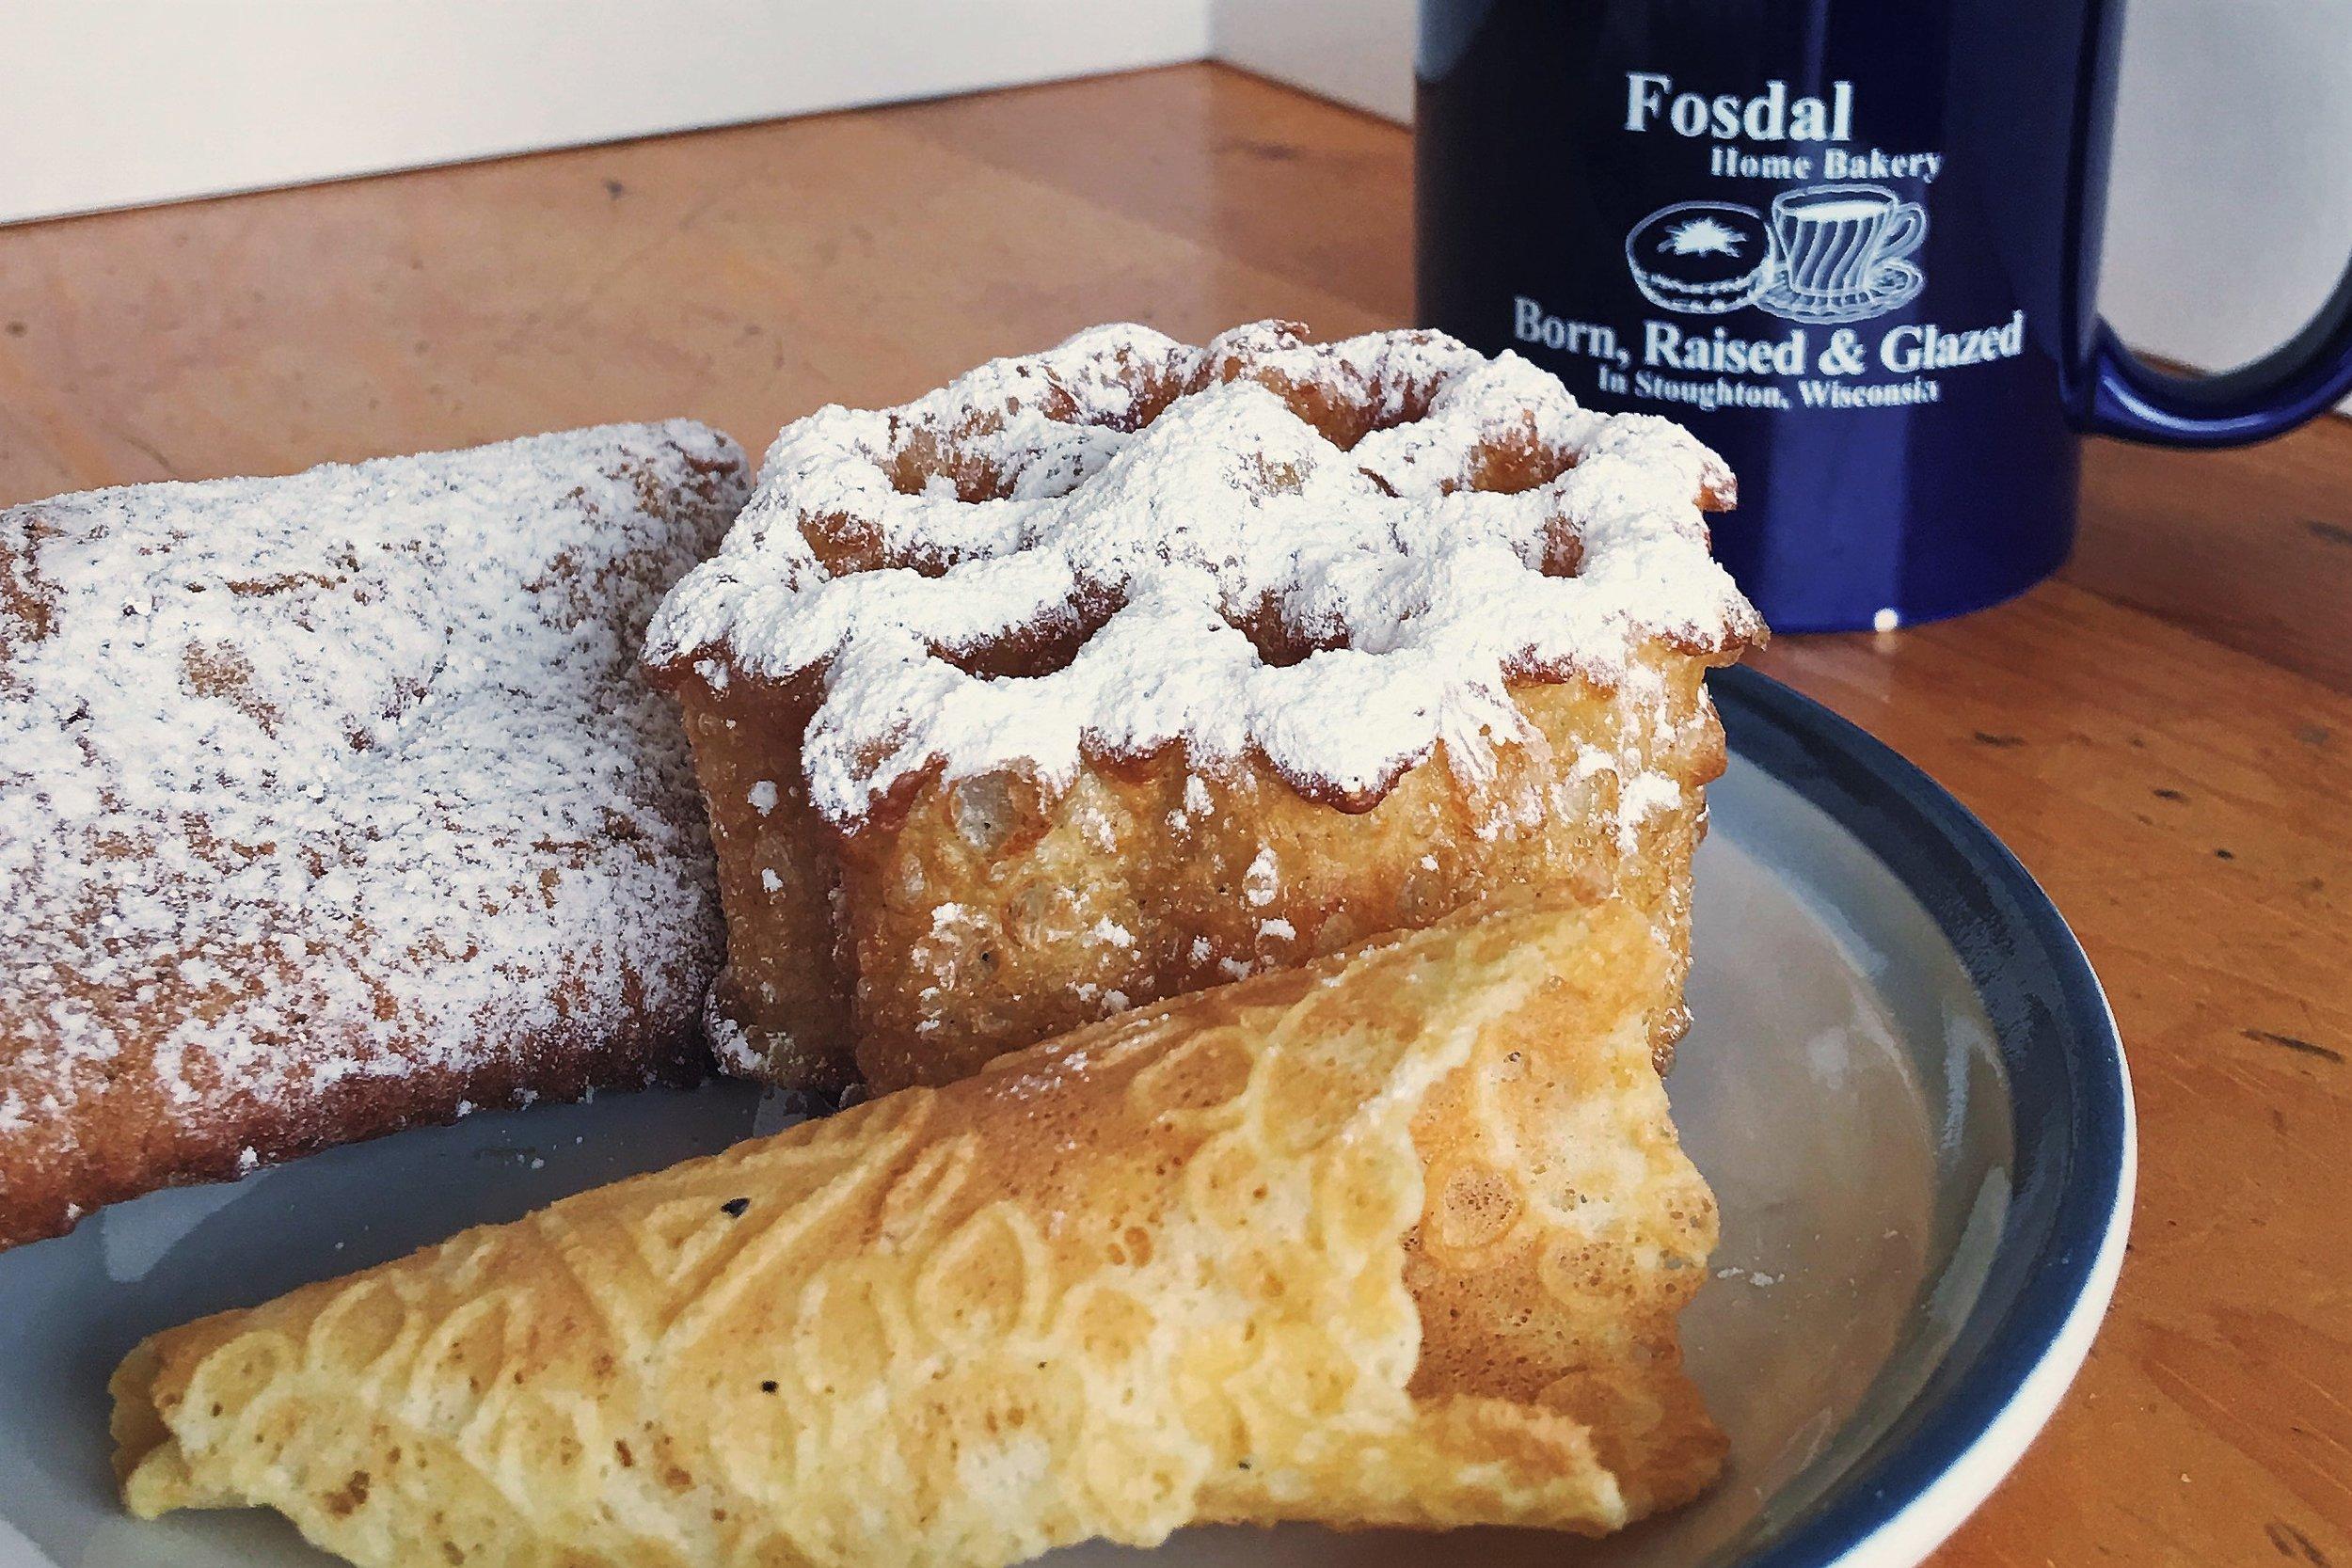 FosdalBakery-Coffee Cup IMG_5407 (002).jpg